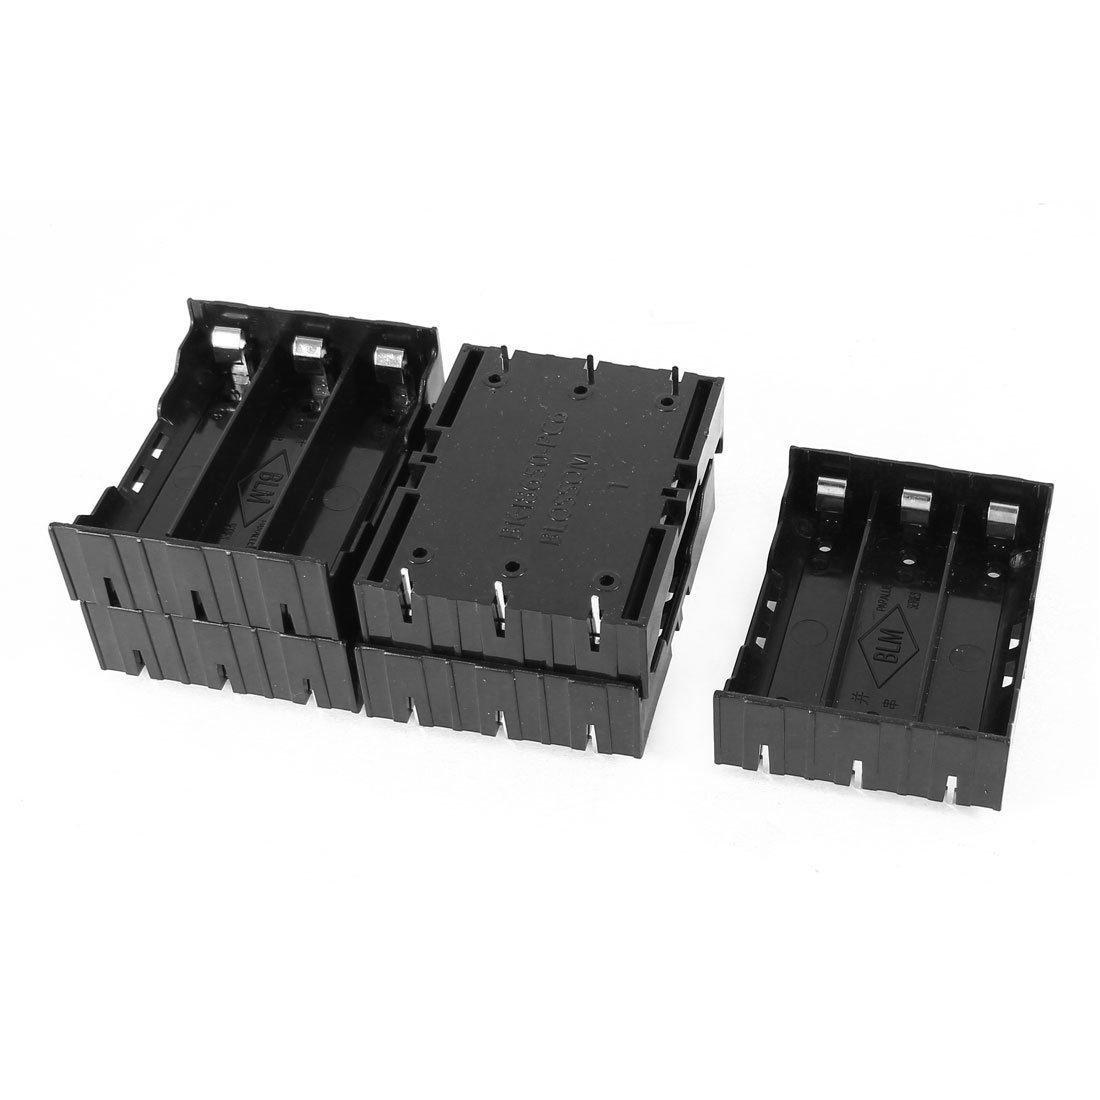 5 Pcs Black Plastic 3 x 3.7V 18650 Batteries 6 Pin Battery Holder Case edt 5 pcs black plastic 3 x 3 7v 18650 batteries 6 pin battery holder case